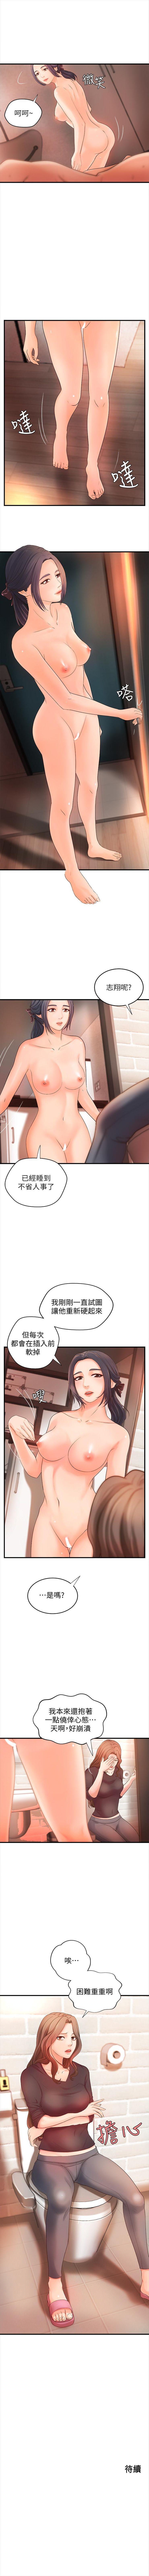 御姐的實戰教學 1-24 官方中文(連載中) 71